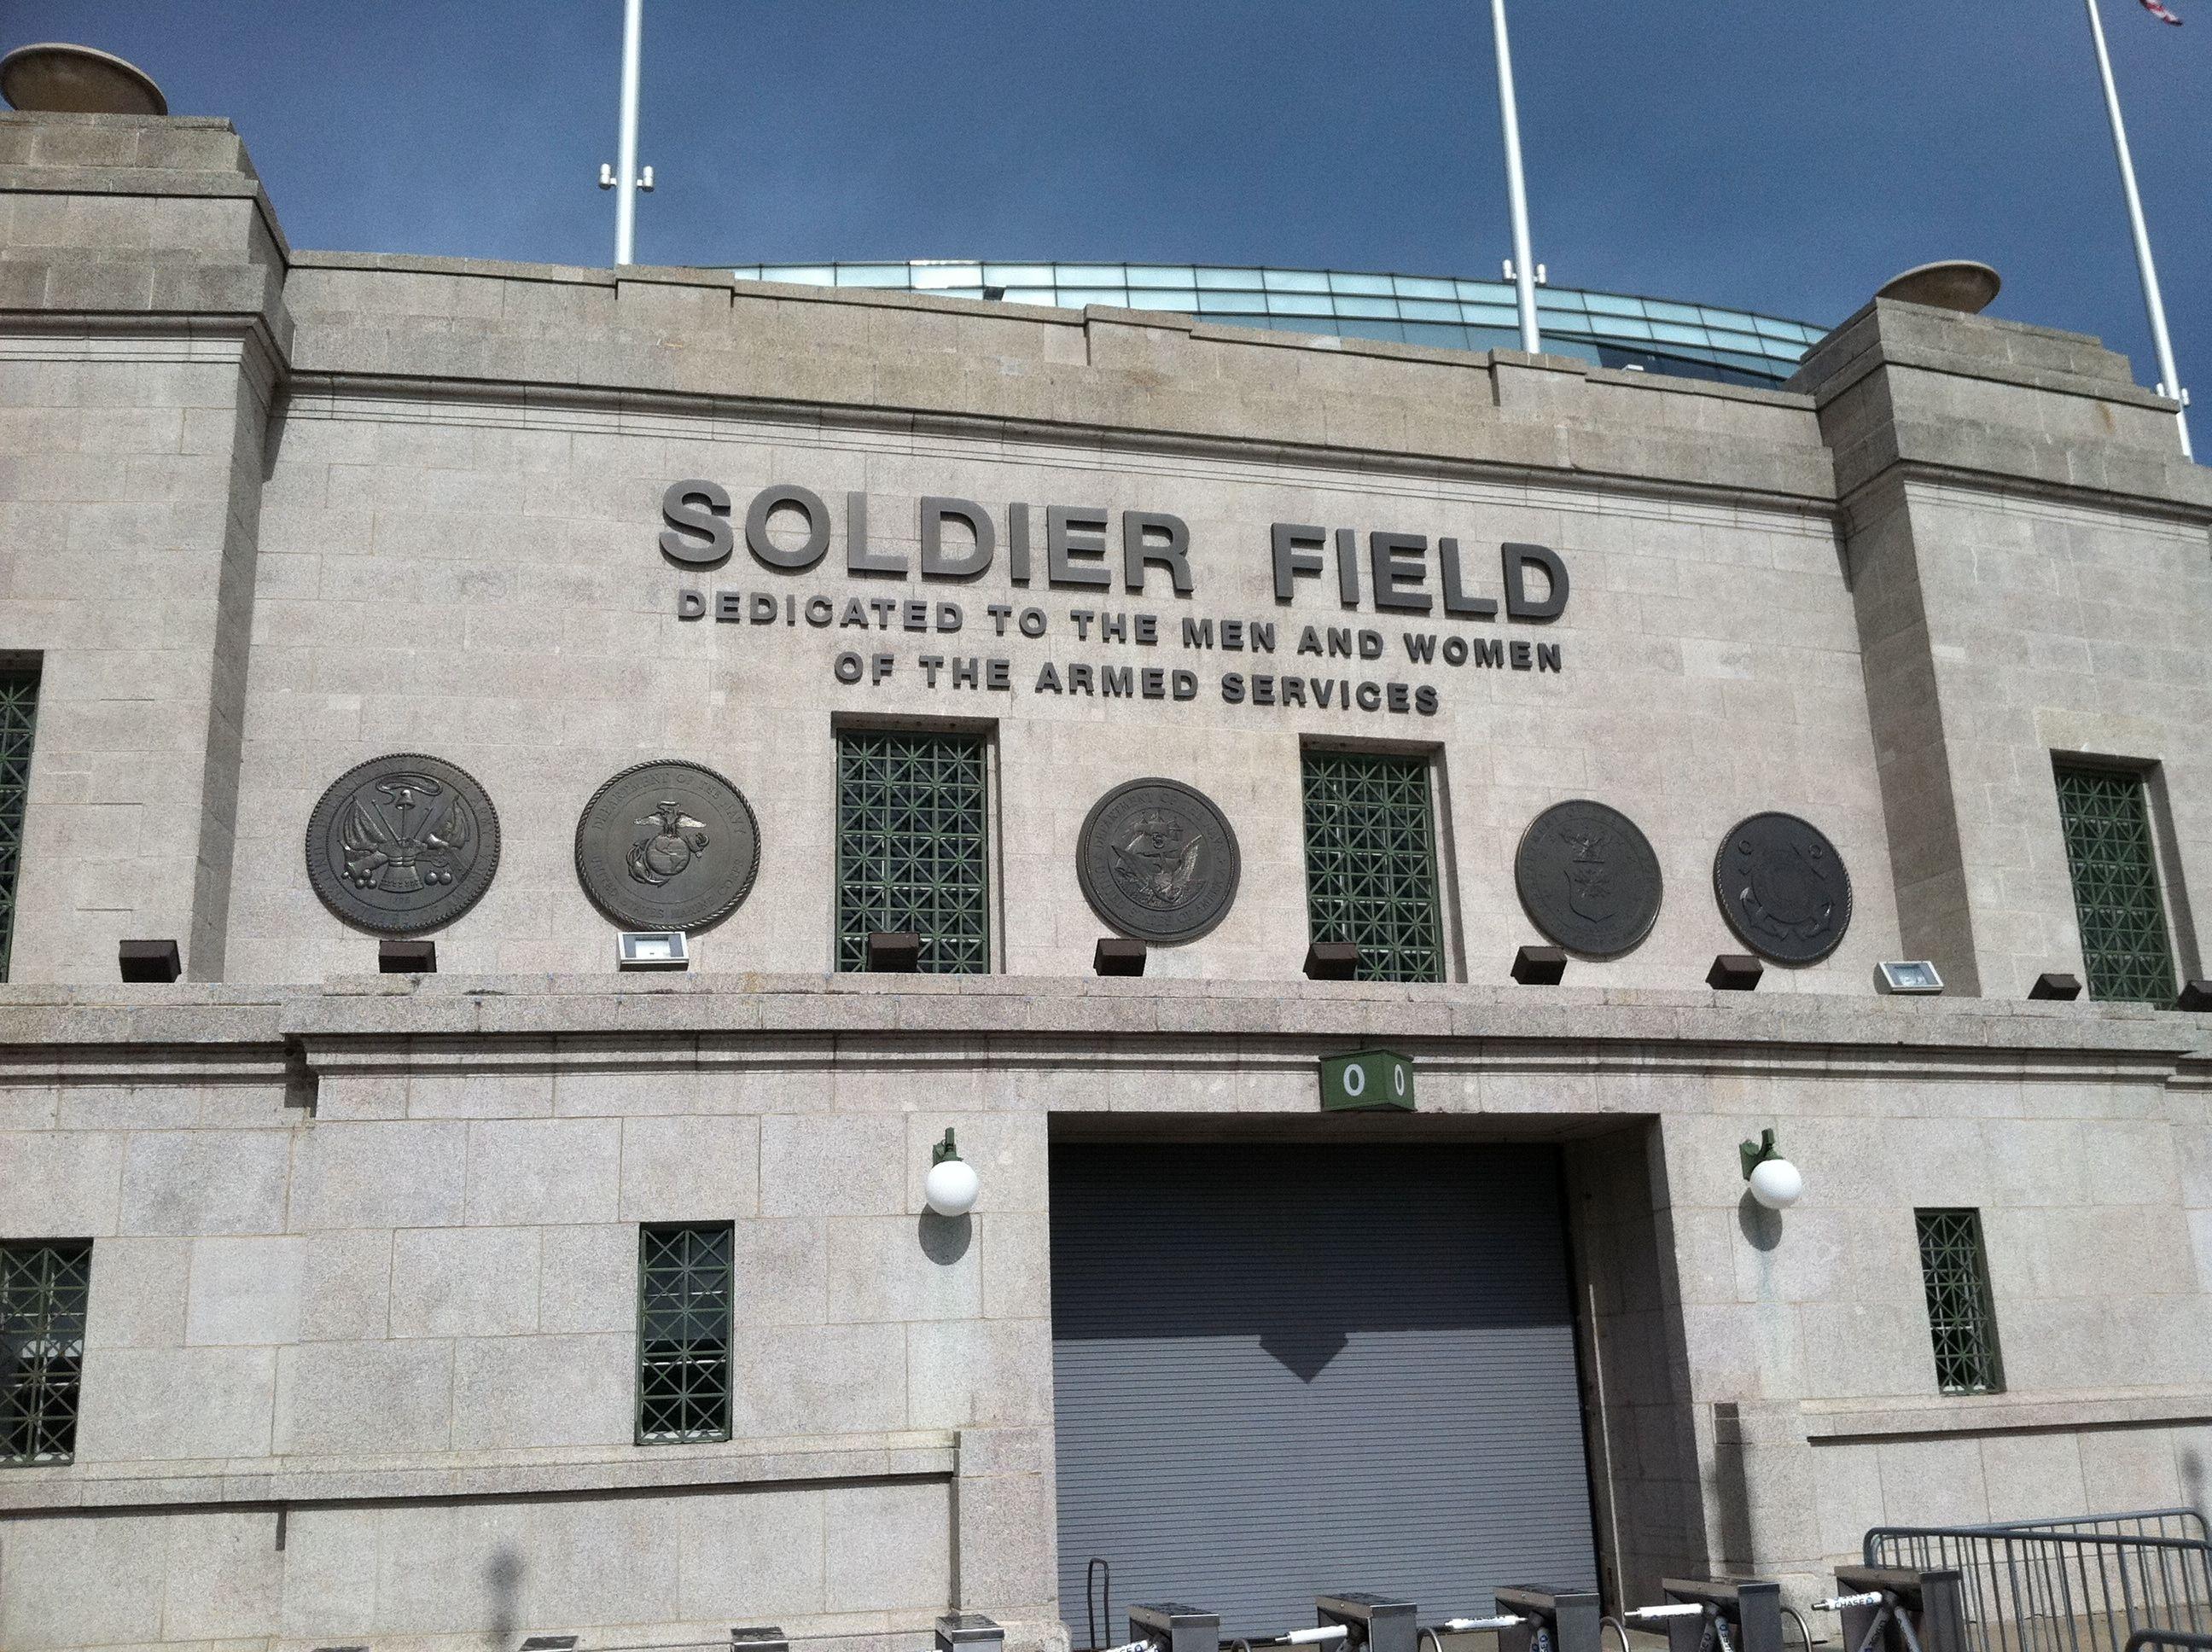 Soldier_Field_Chicago.jpg (2592×1936)